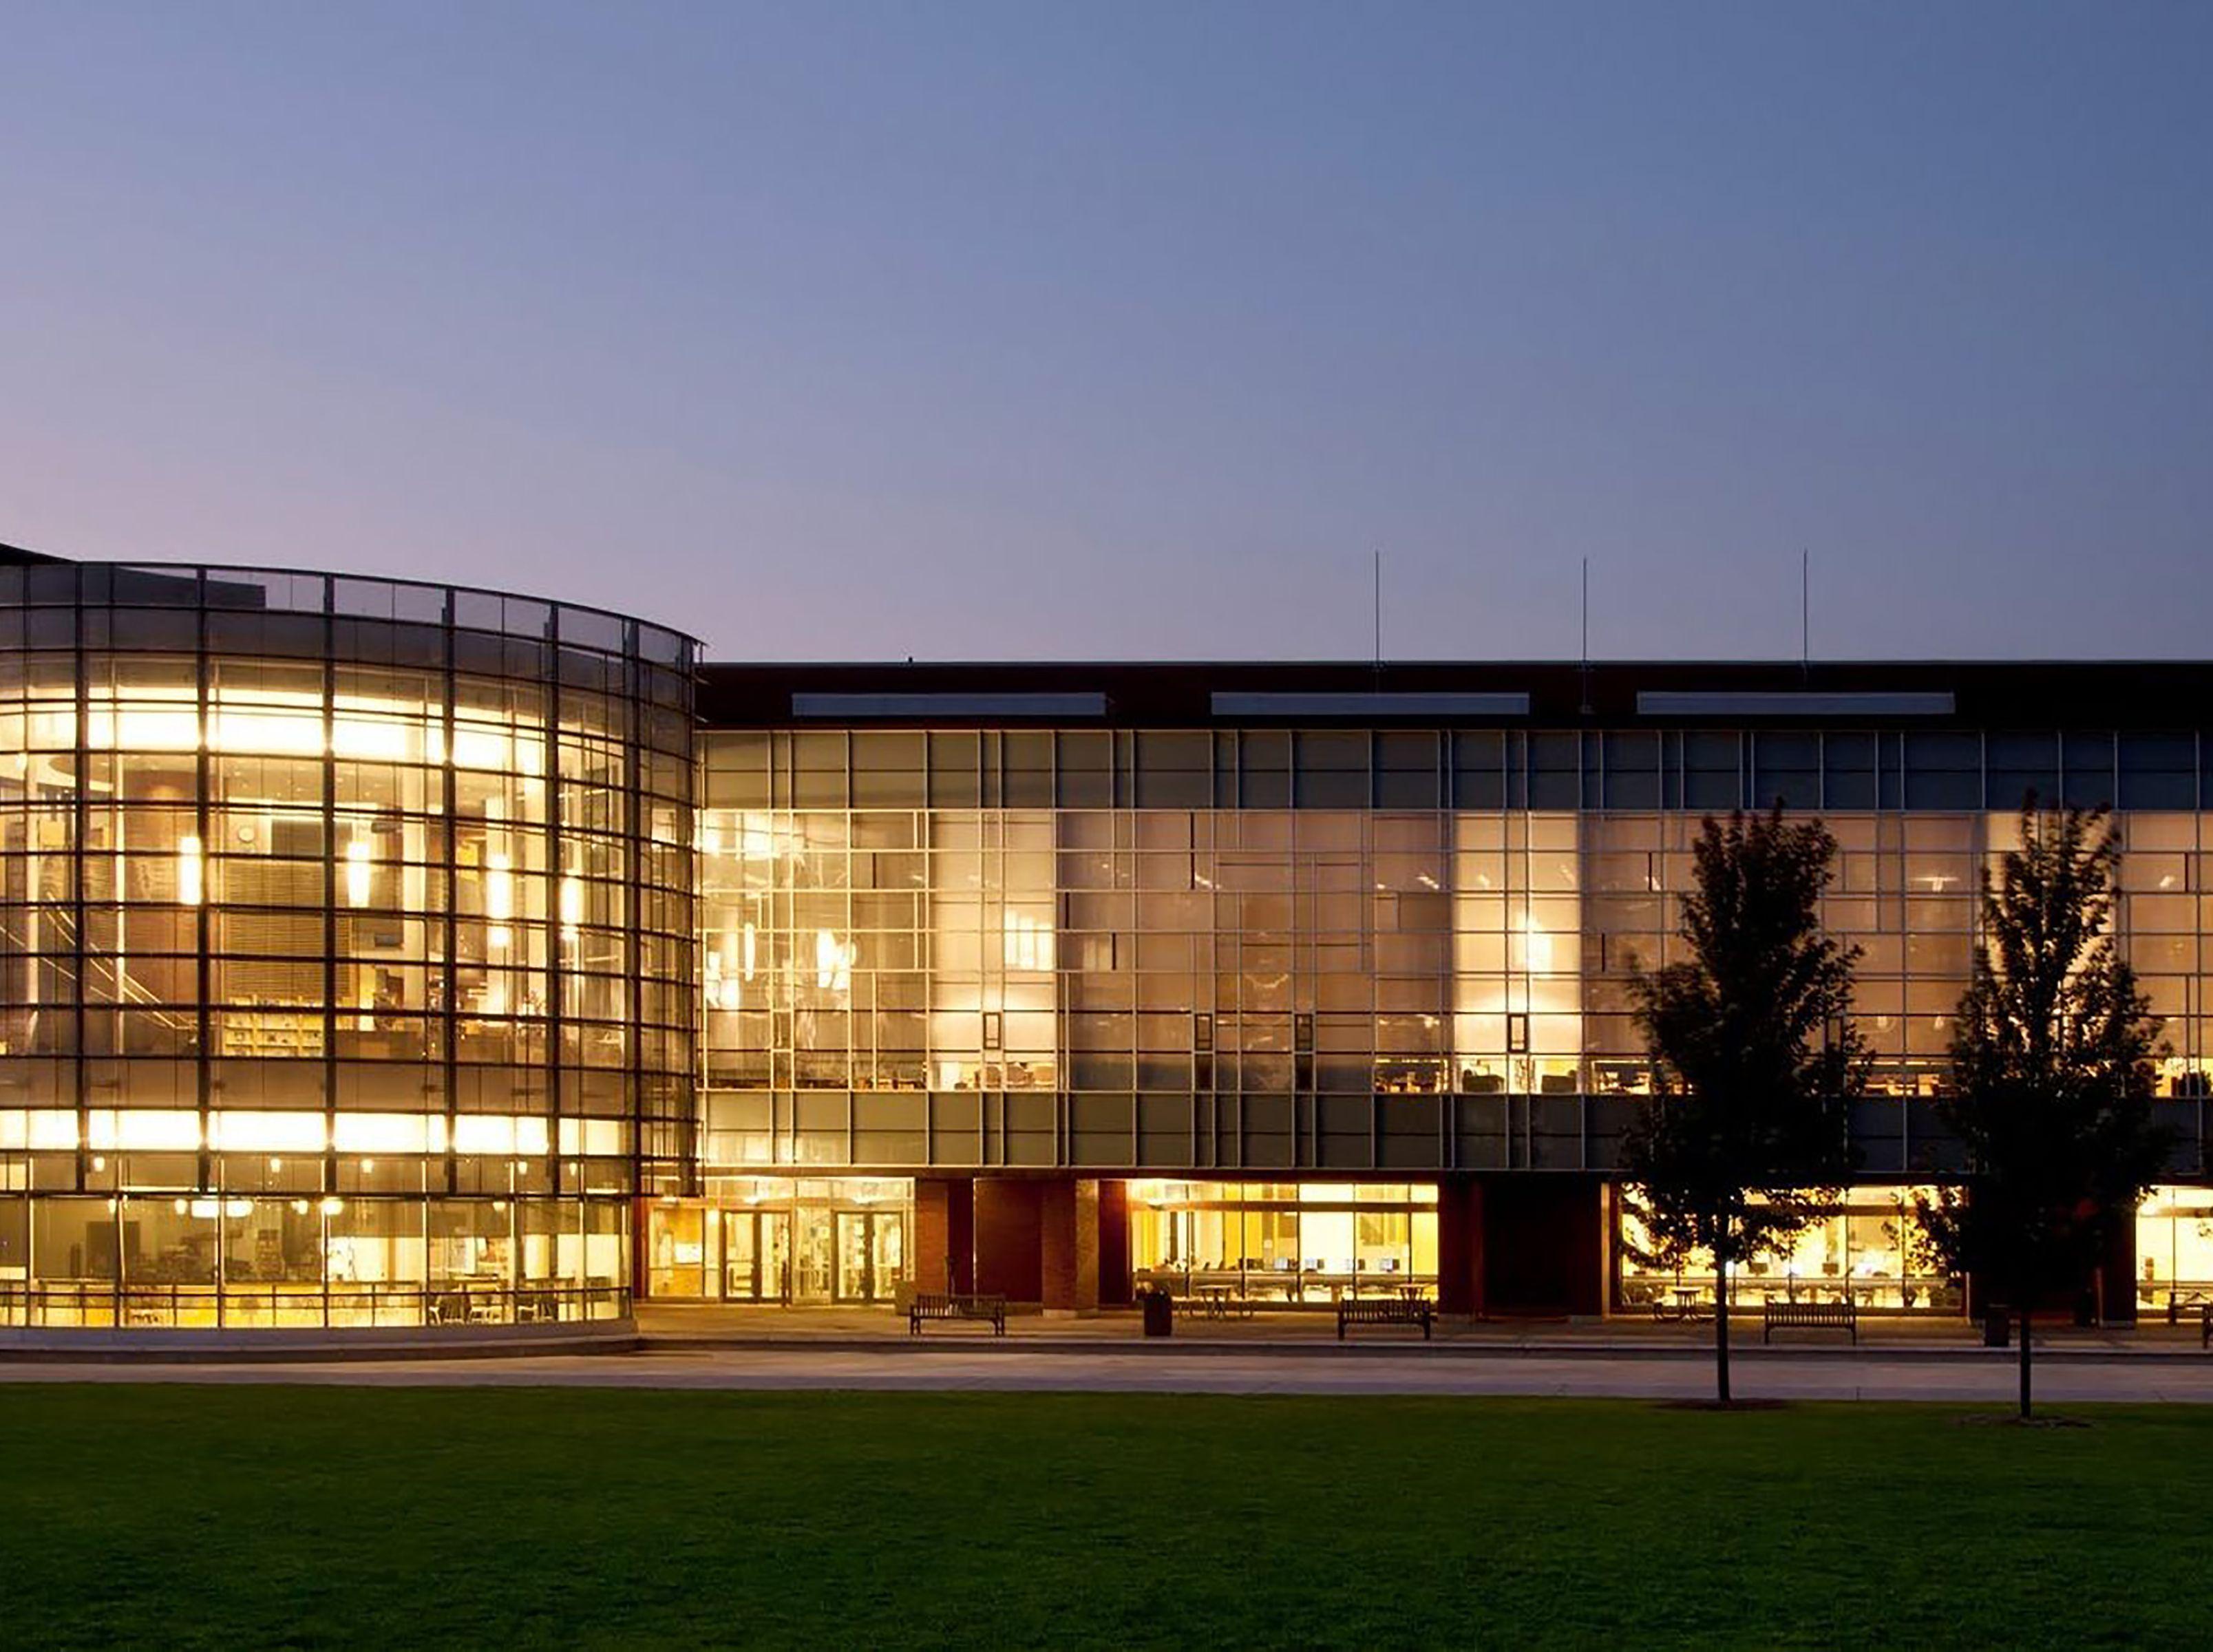 مؤسسه فناوری دانشگاه انتاریو